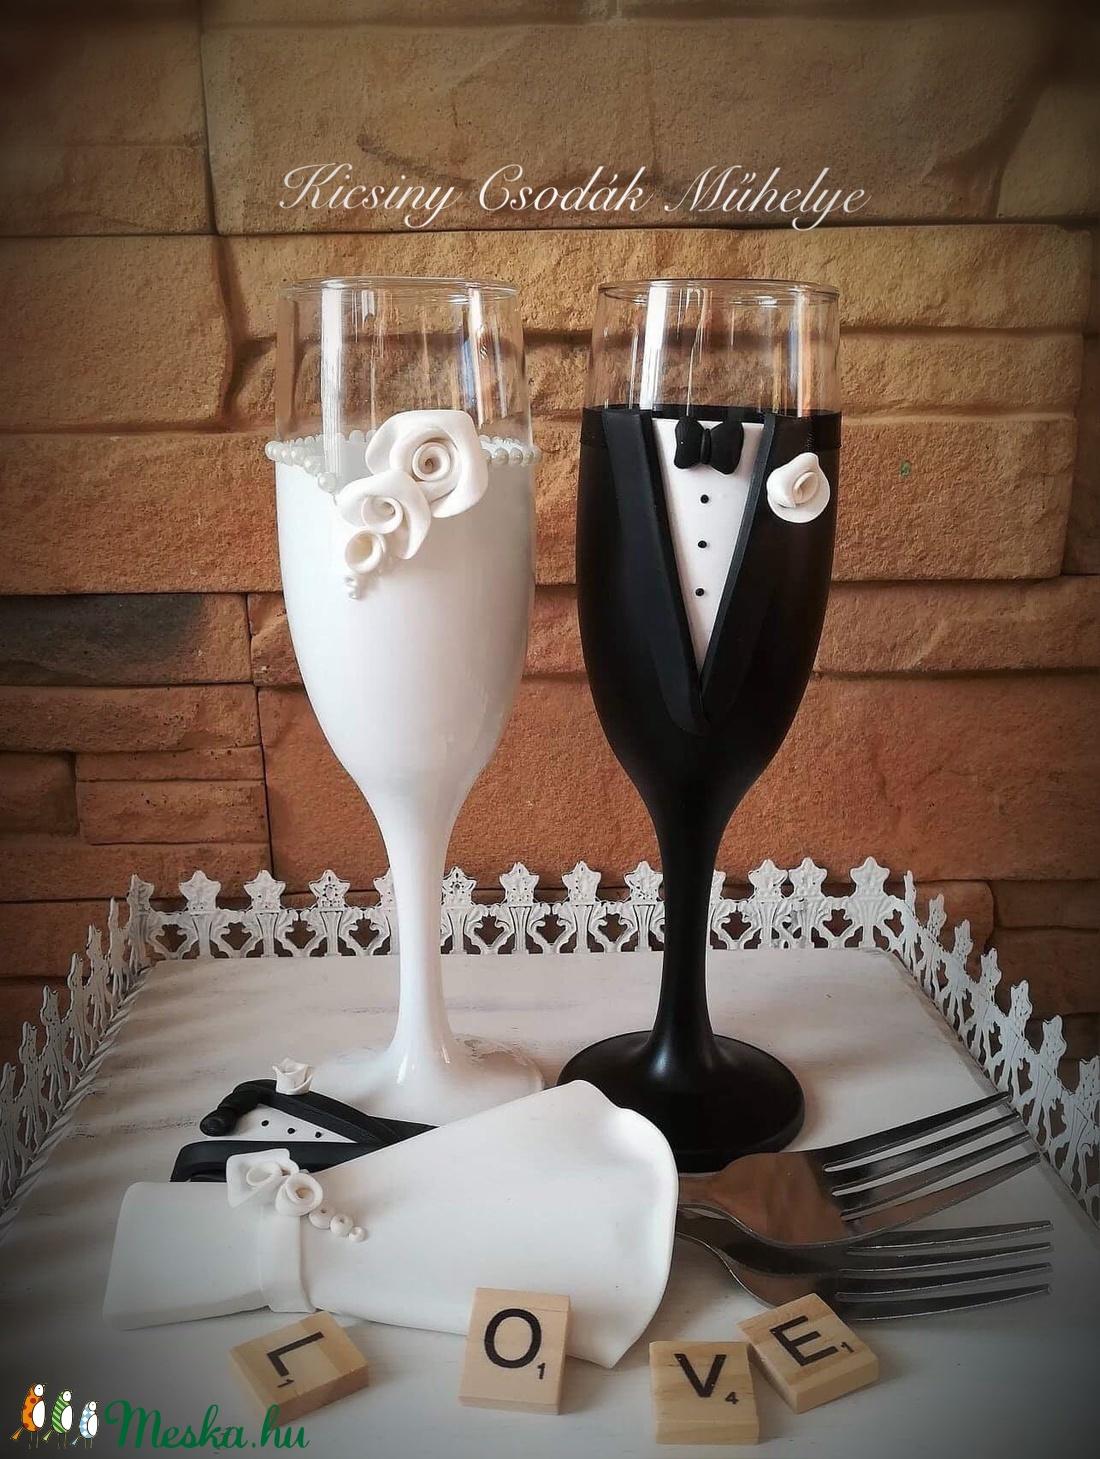 Fehér rózsa esküvői pohár pár (KicsinyCsodak) - Meska.hu